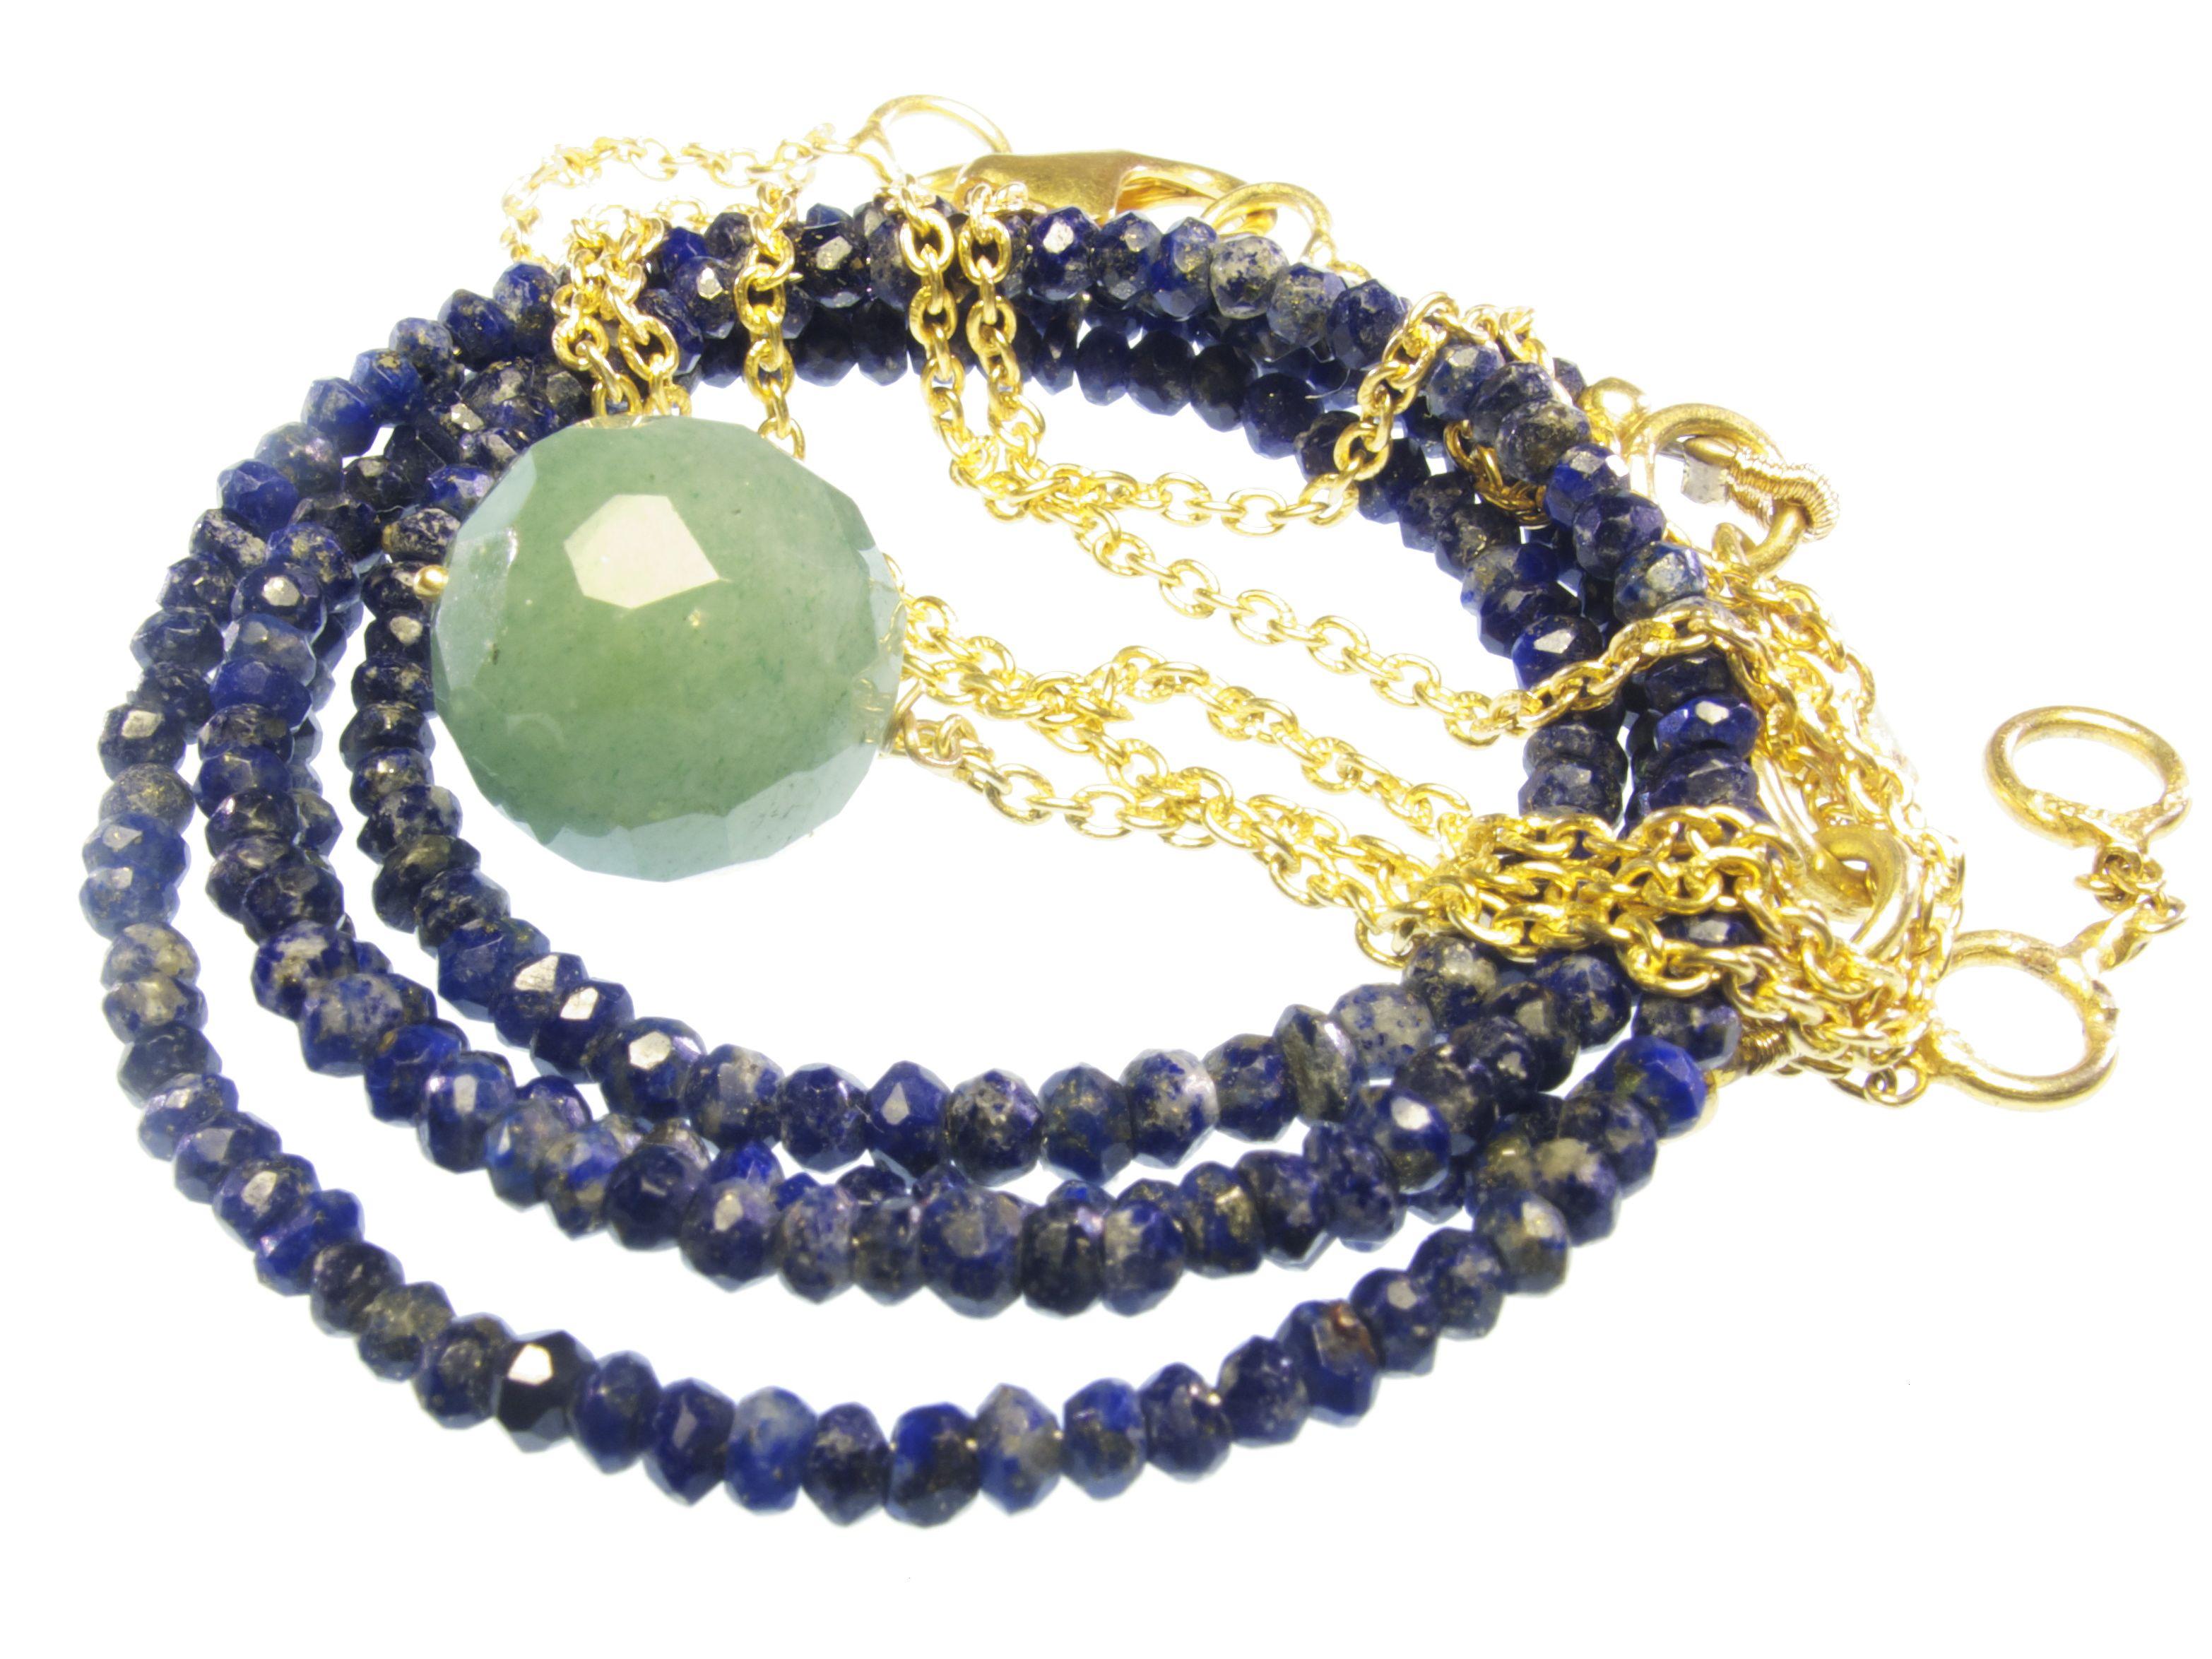 Blauwe Ketting Van Lapis Lazuli En Goud Vergulde Ketting Met Jade Hanger